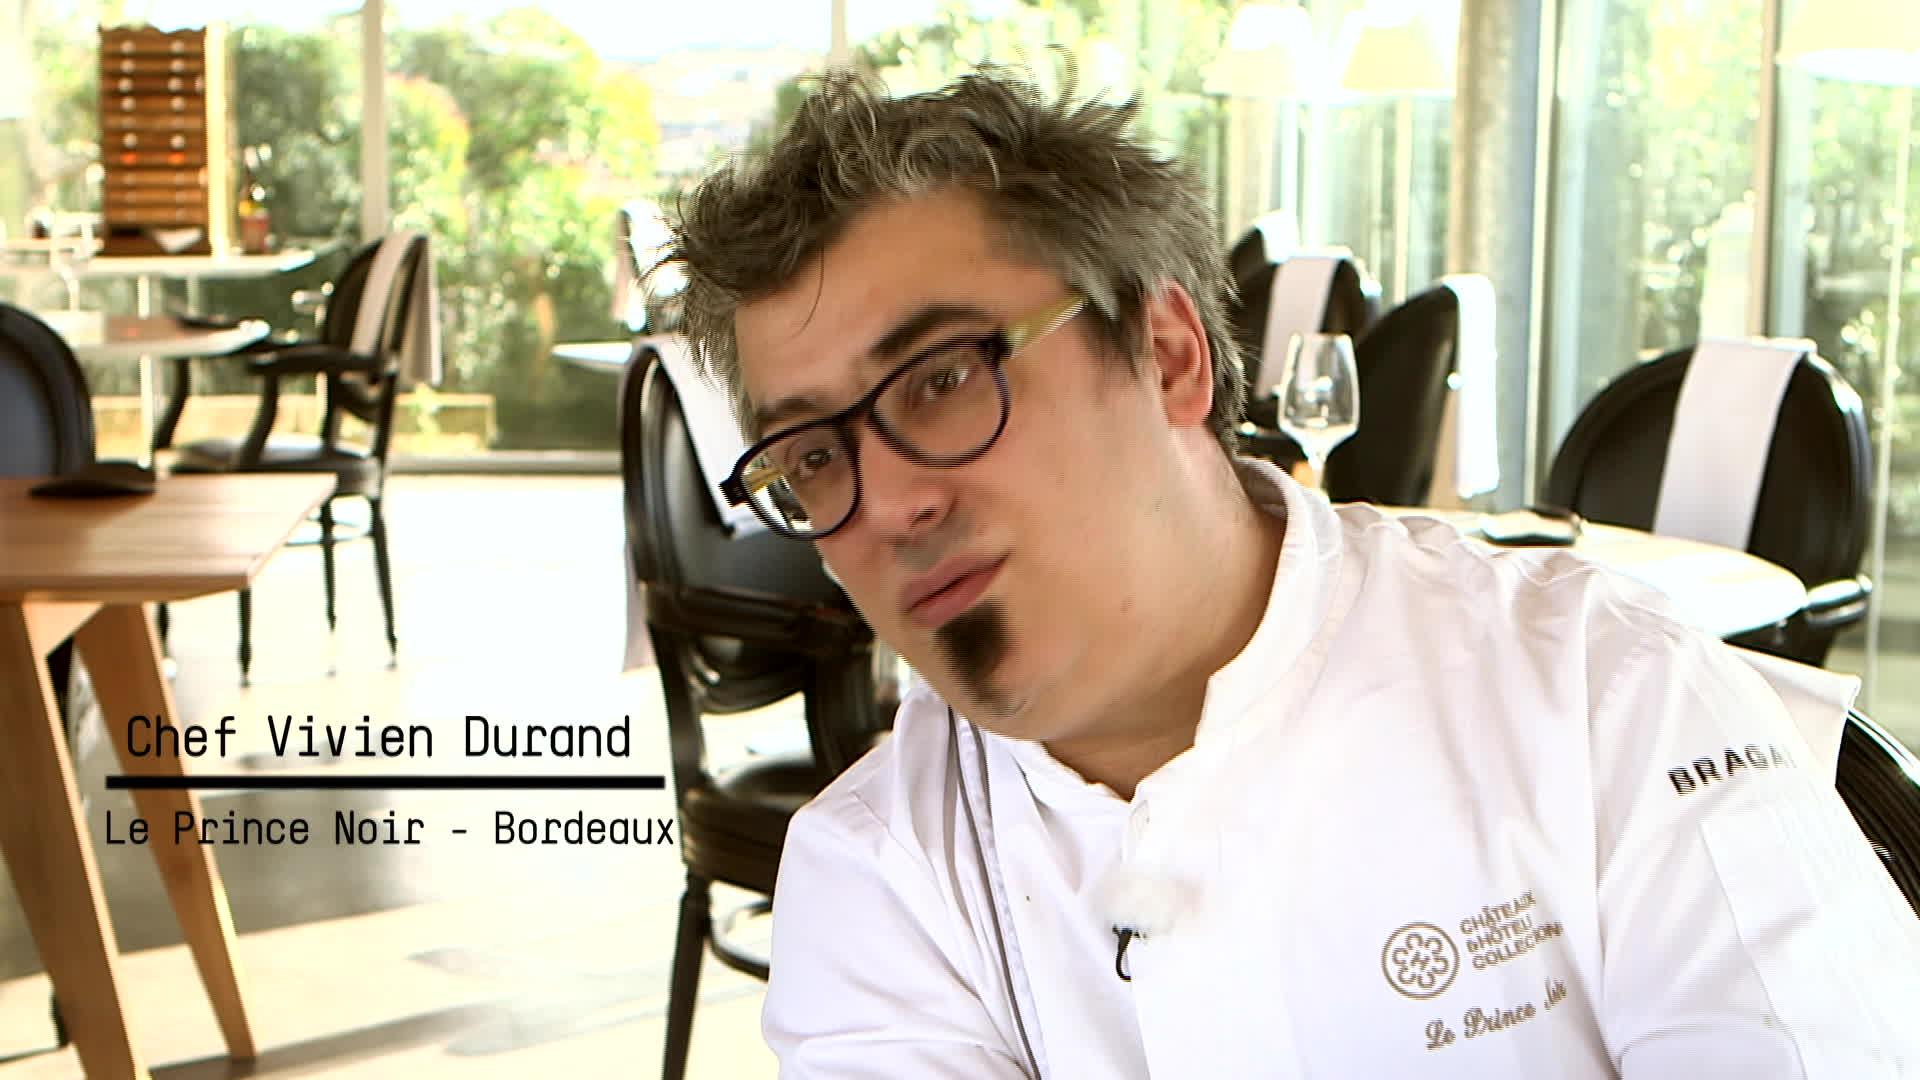 Vivien Durand -Le prince noir - Bordeaux